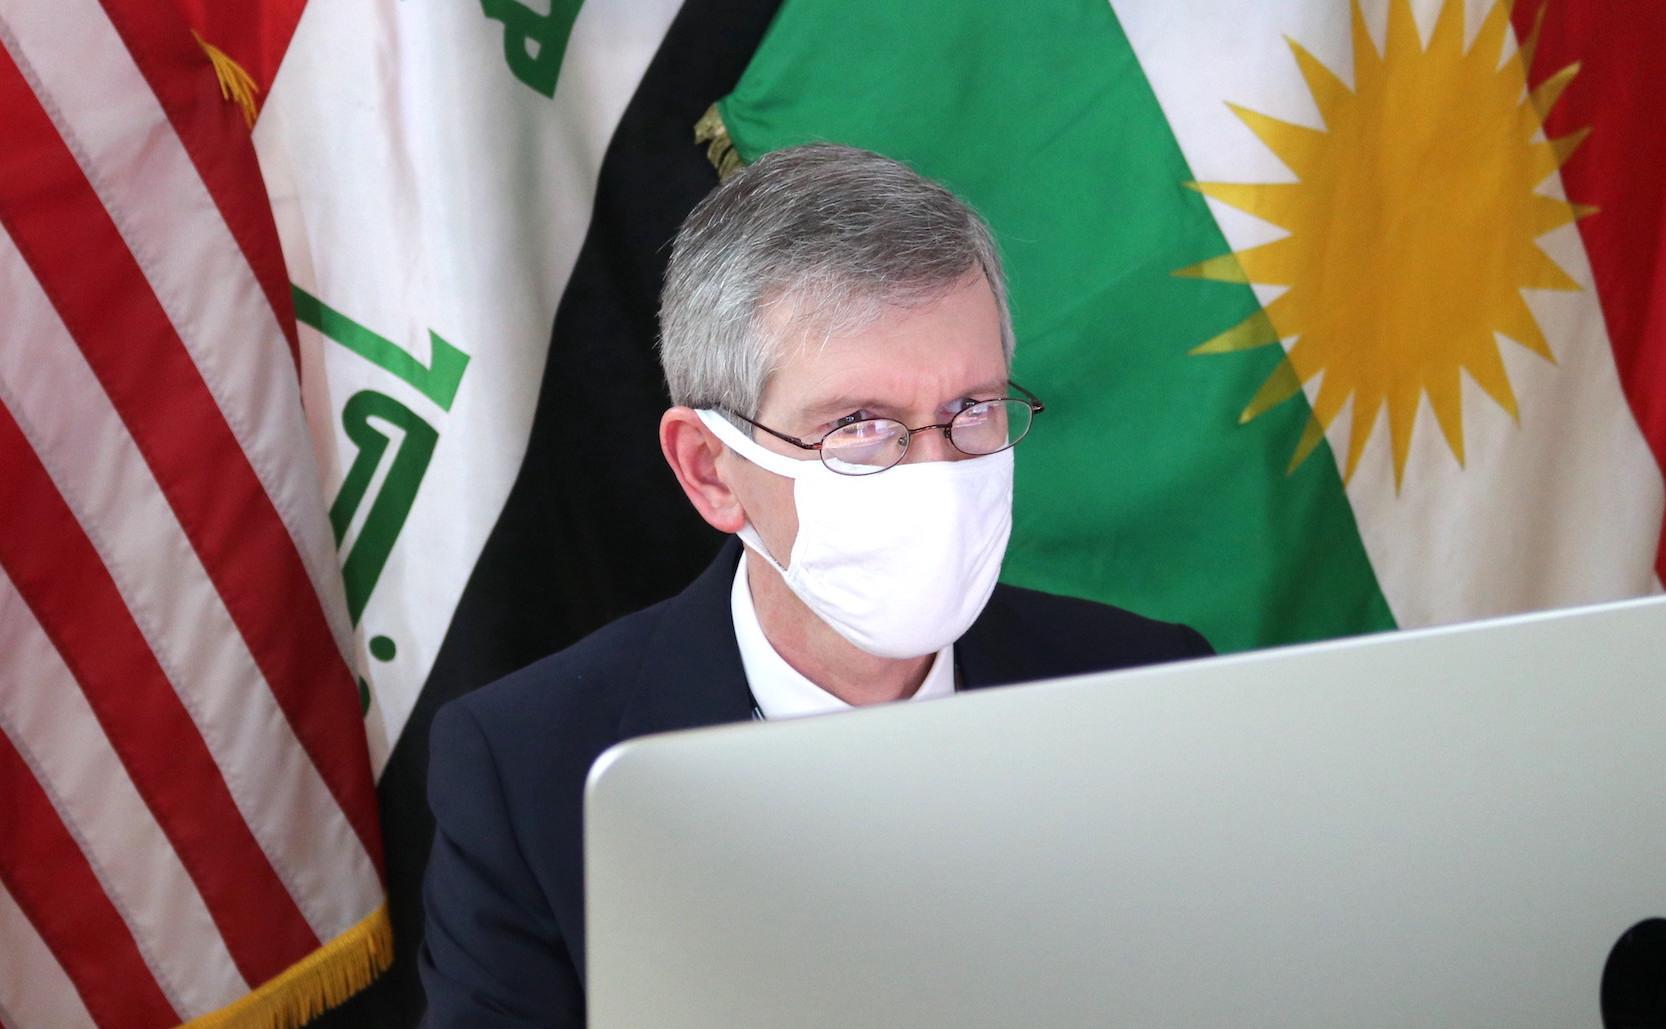 ABD Erbil Başkonsolosu ve Eğitim Bakanı görüştü